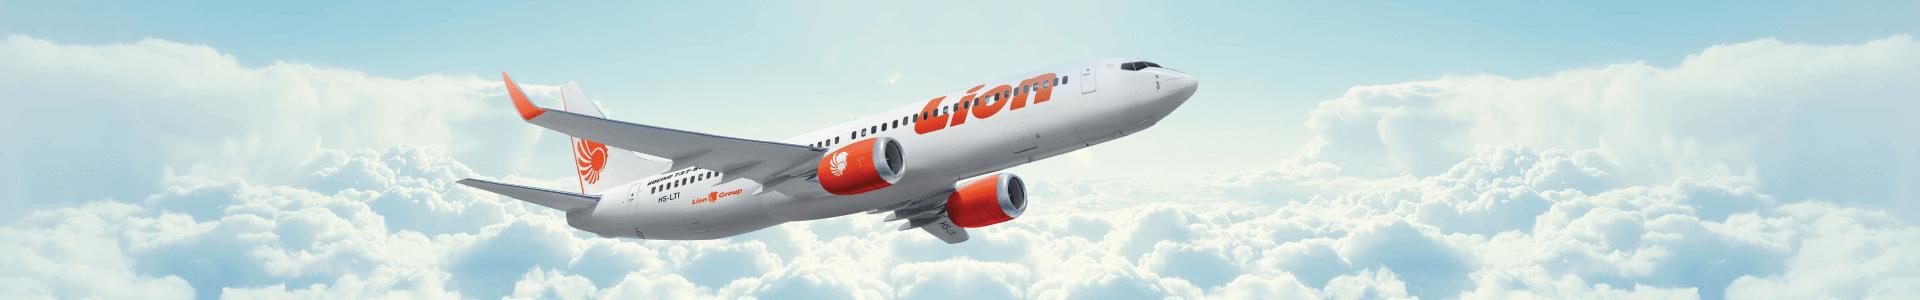 Lion Air Flight Ticket And Flight Schedule Airpaz